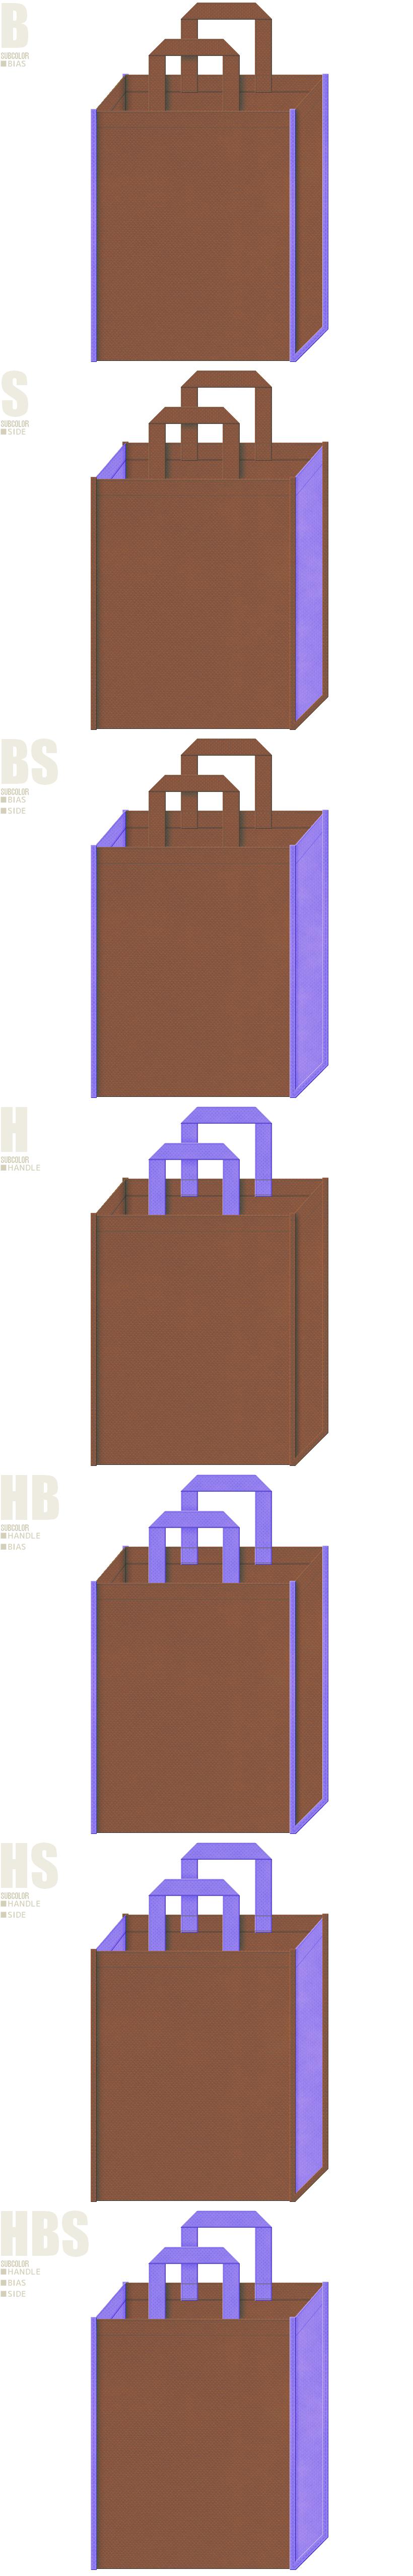 茶色と明るめの紫色、7パターンの不織布トートバッグ配色デザイン例。